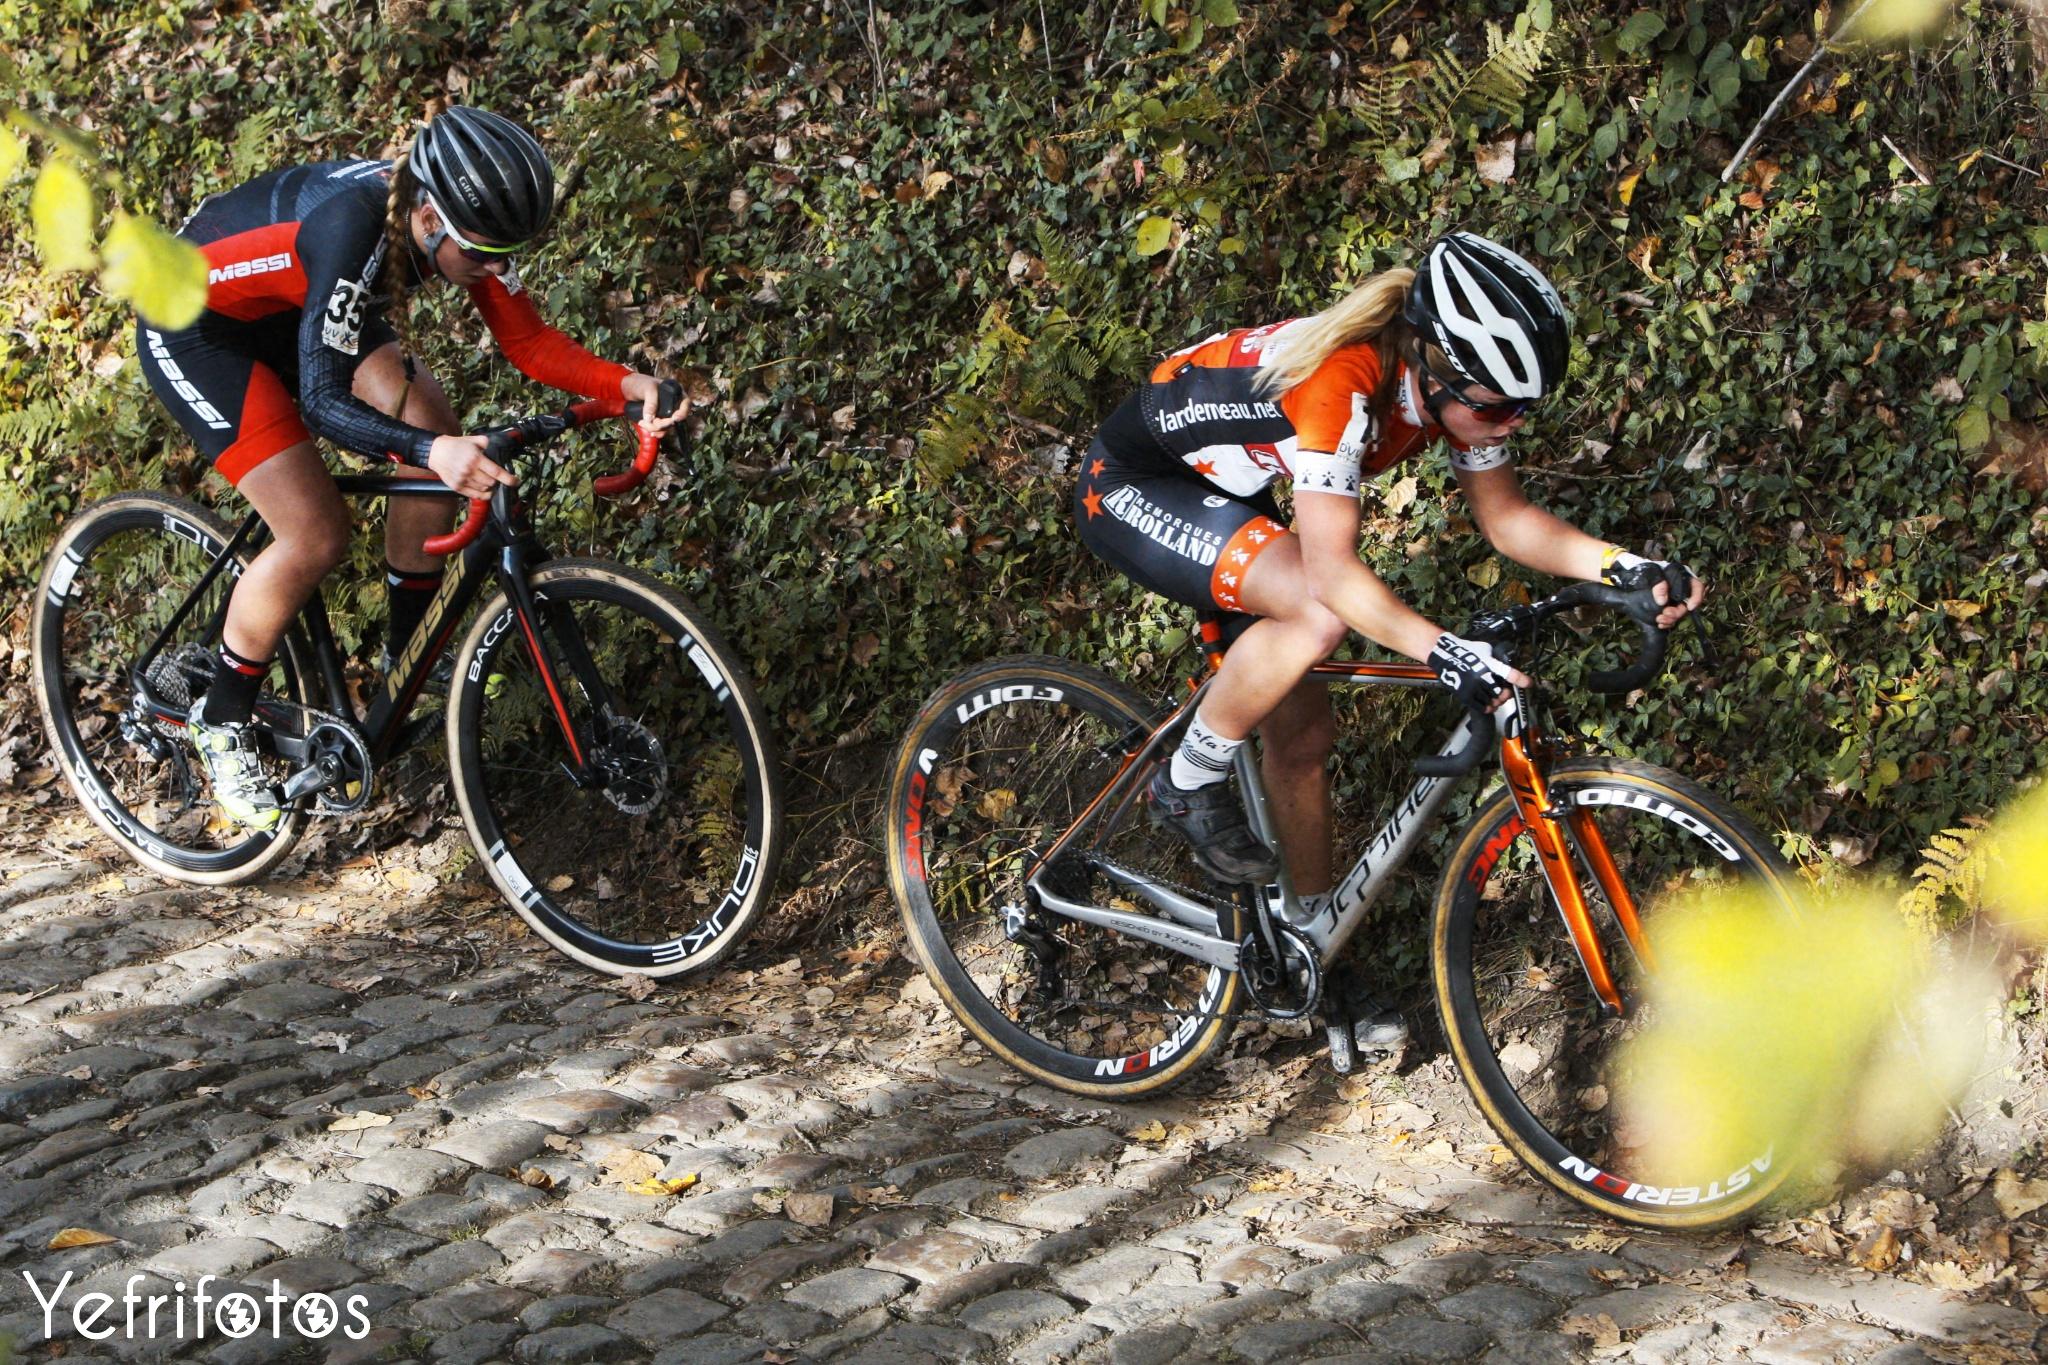 Pasquine Vandermouten - Team Massi - Maina Galand - Koppenbergcross